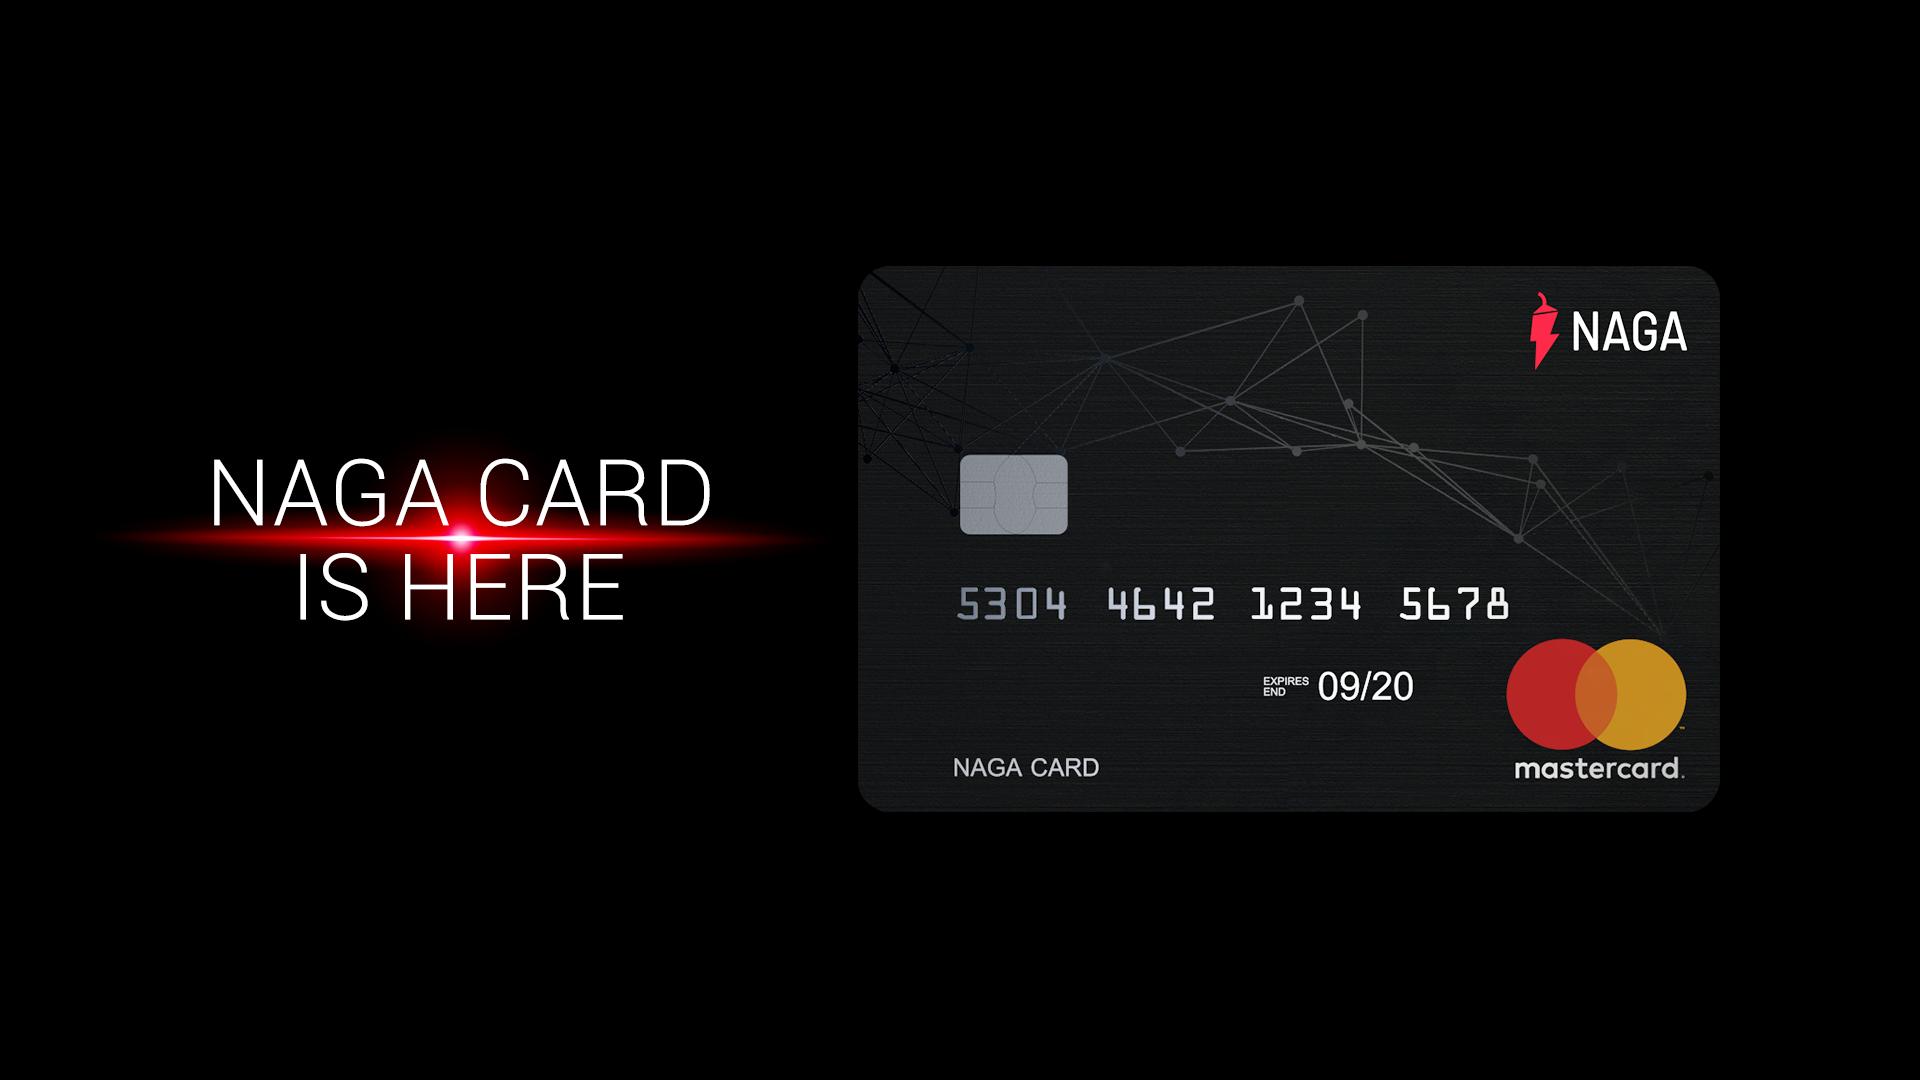 NAGA CARD